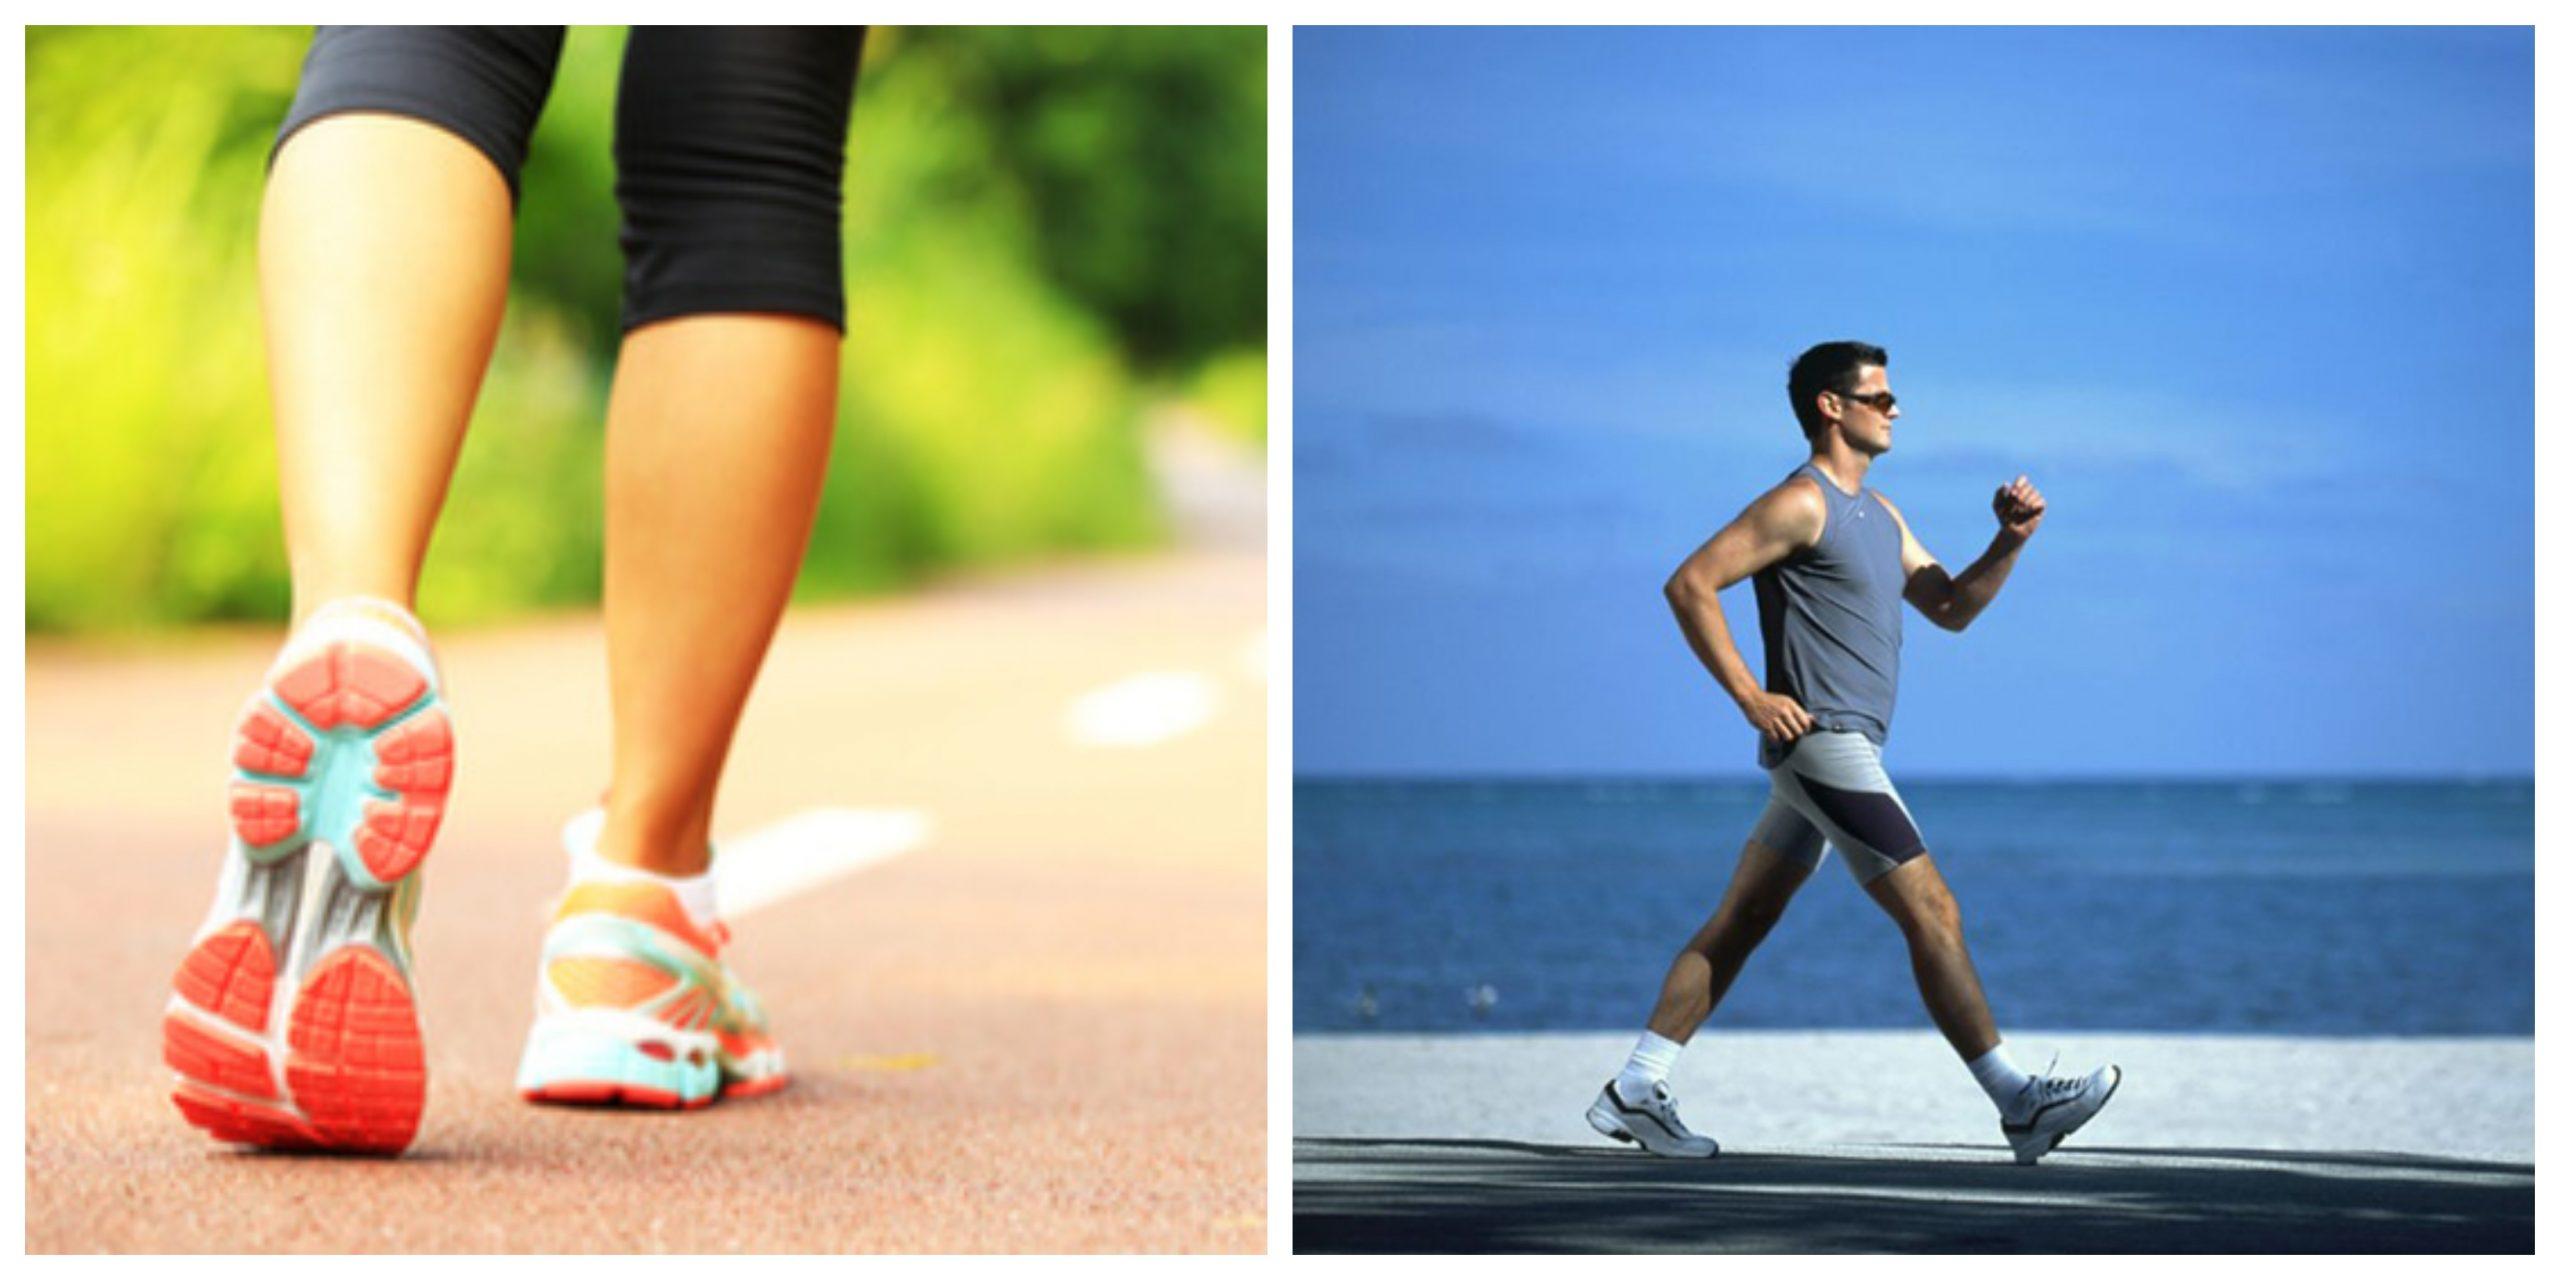 طريقة المشي التي تسير بها يمكن أن تكشف معلومات مثيرة عن صحتك